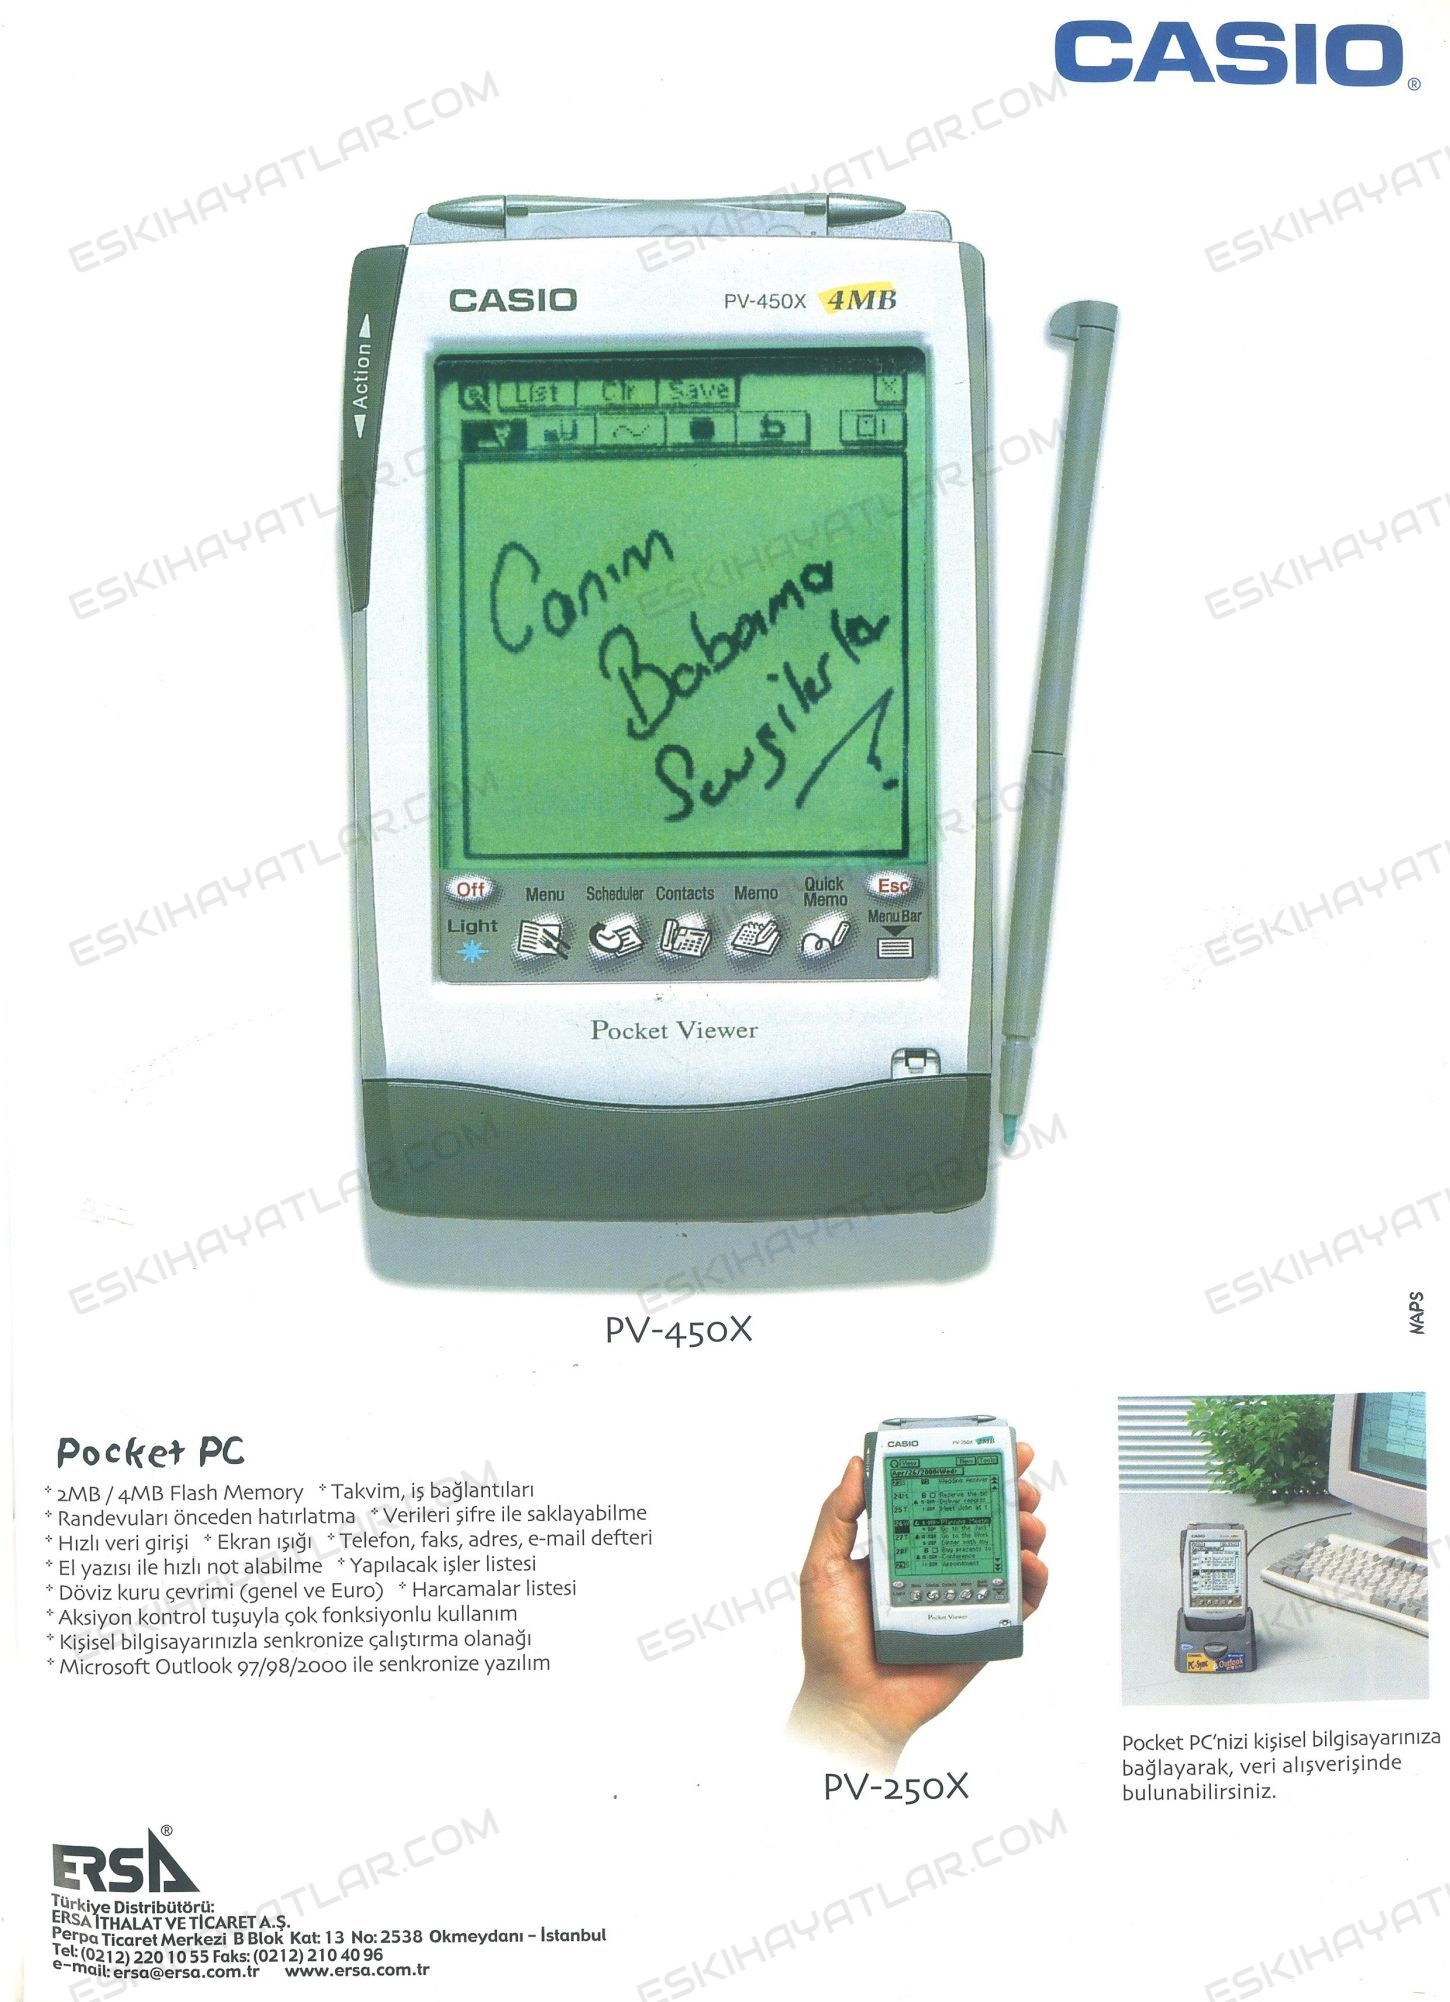 0384-casio-pv-450-x-reklami-2000-yilinda-pda-reklamlari-windows-uyumlu-pda-cihazlar